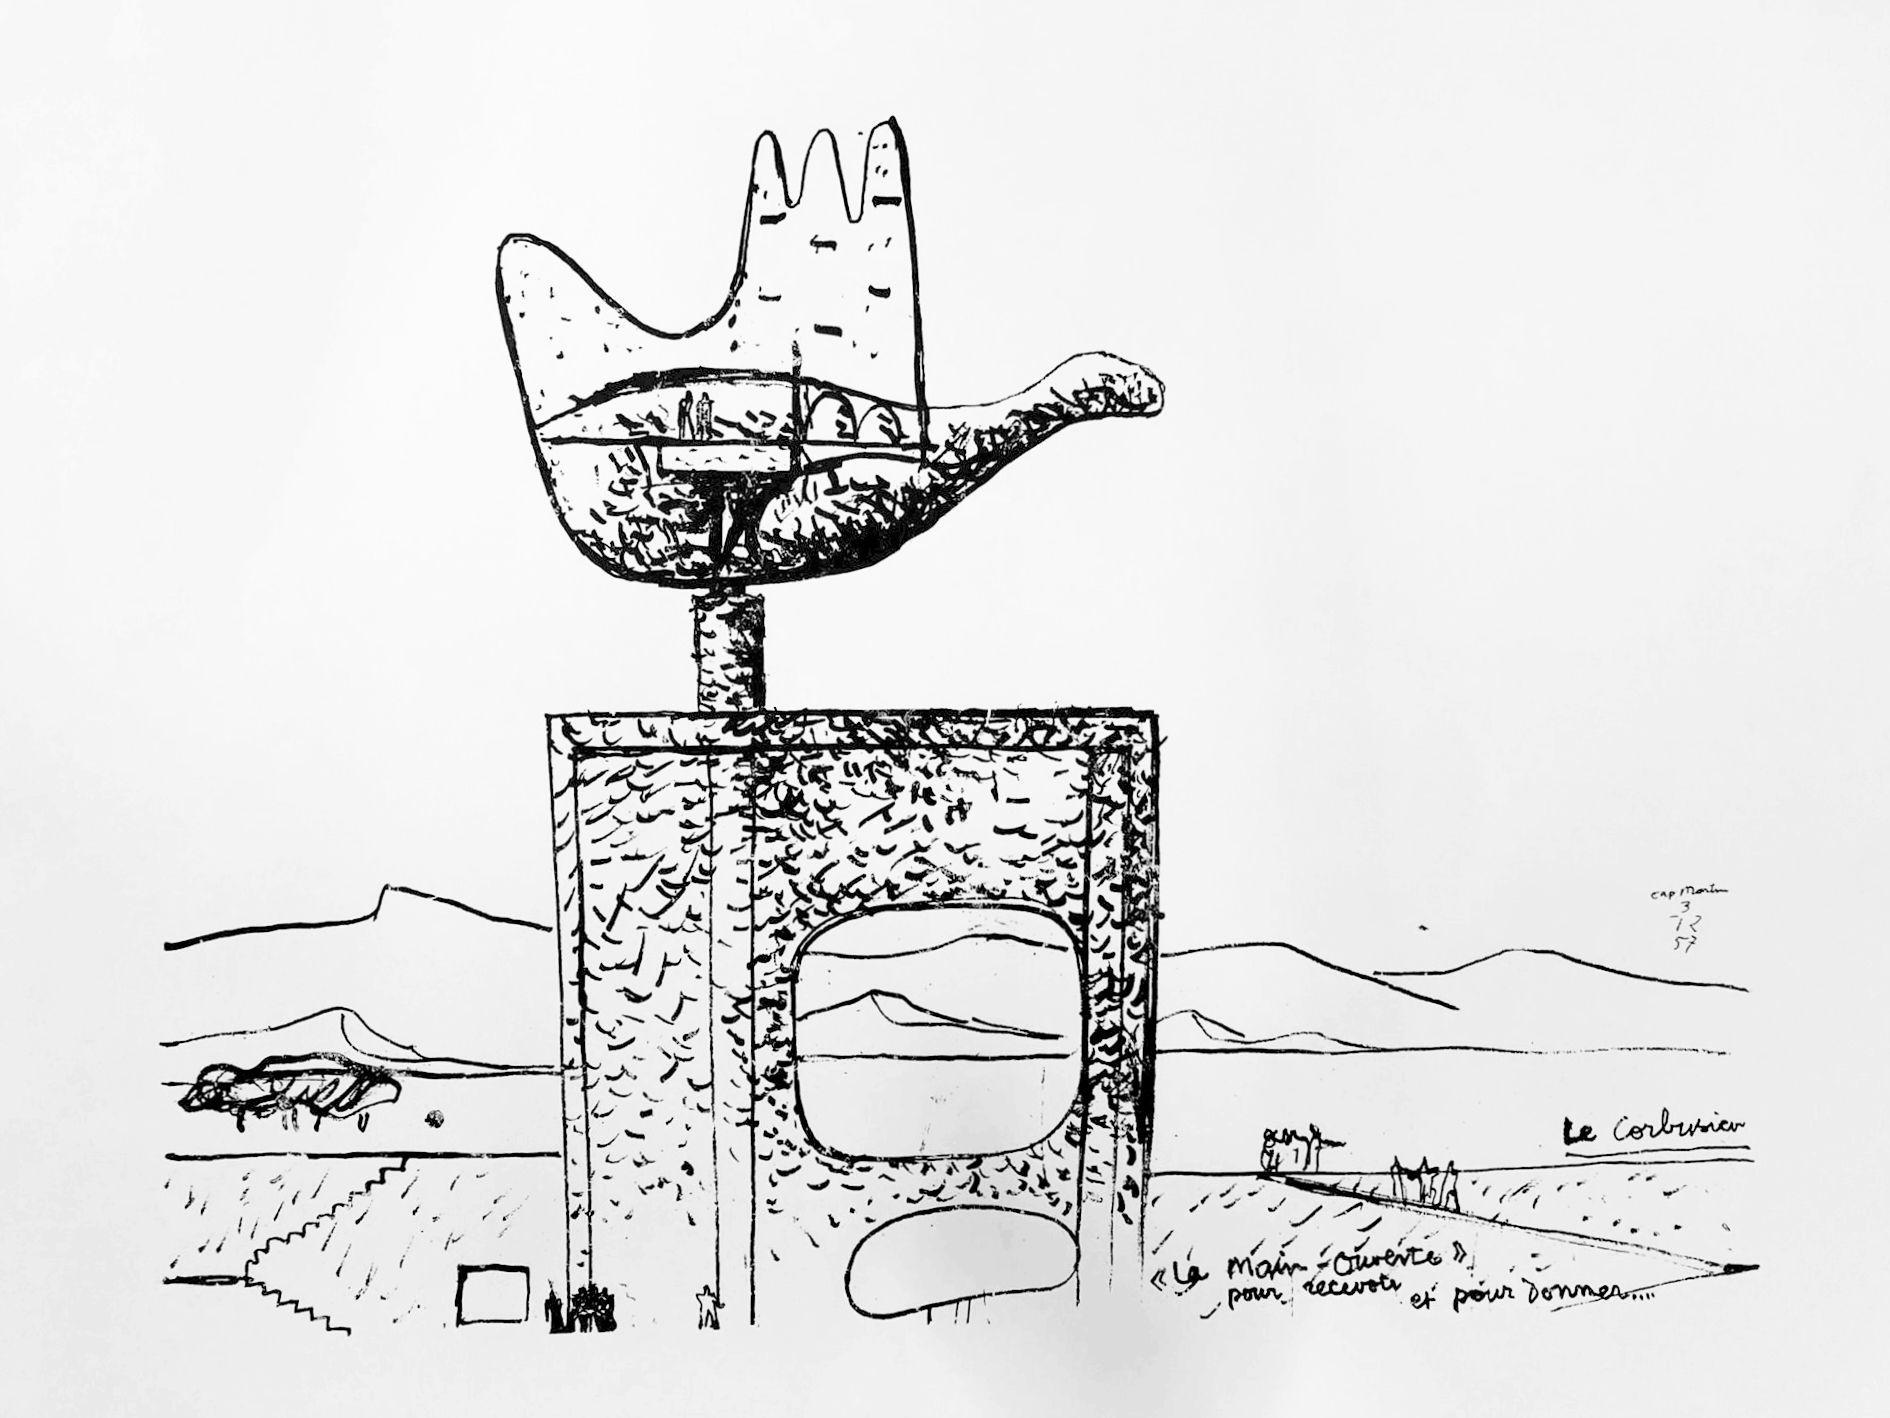 Le Corbusier - La main ouverte, 1955